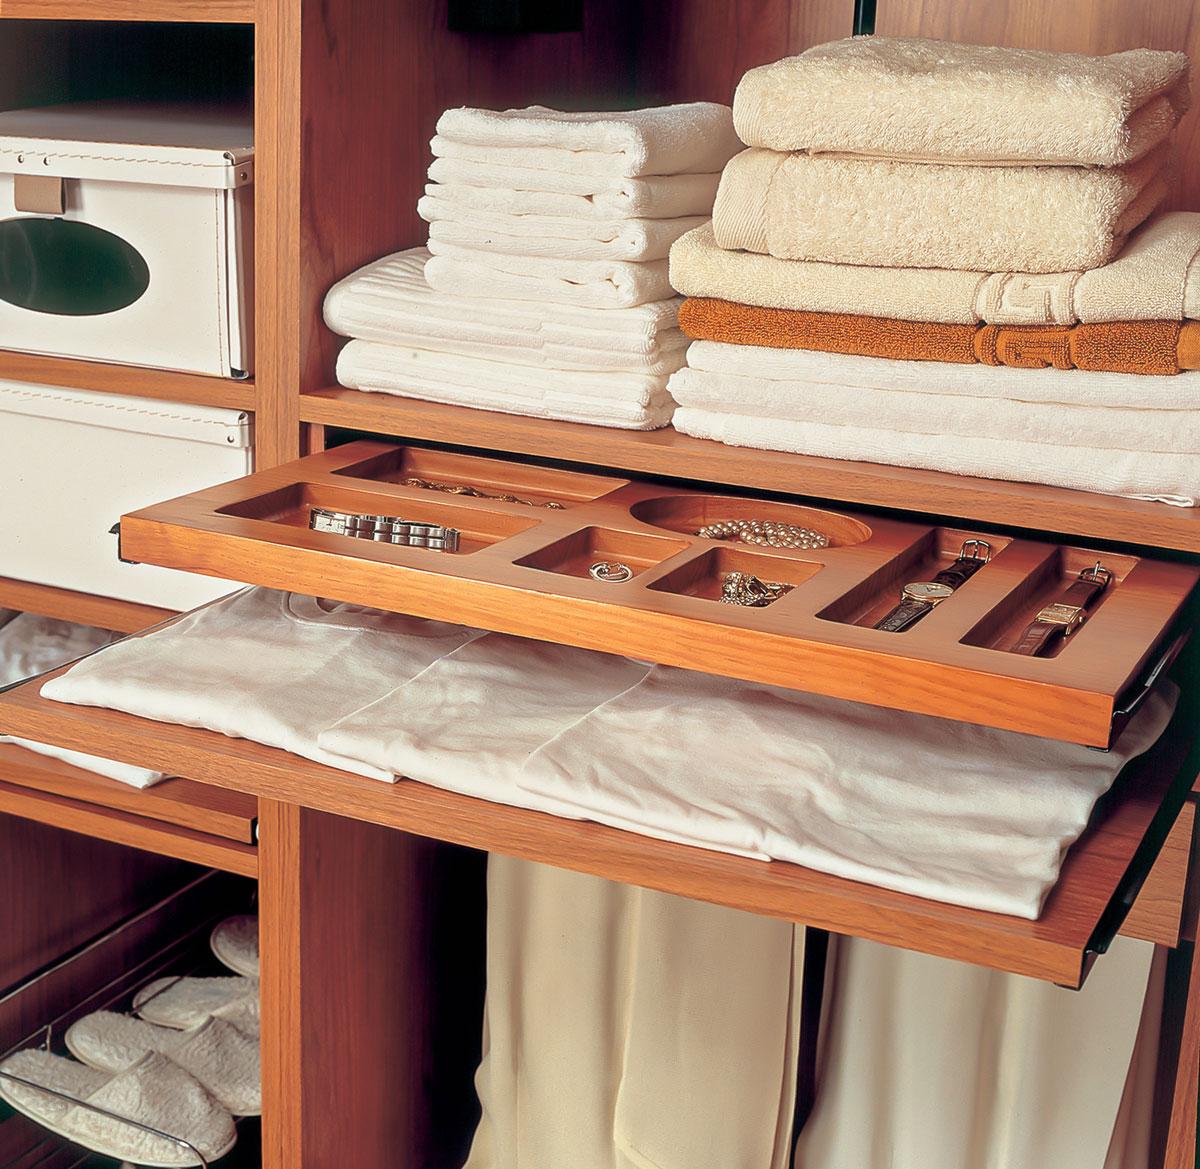 Armarios Roperos Armarios De Cocina Y Armarios De Ba O El Mueble # San Ceferino Muebles